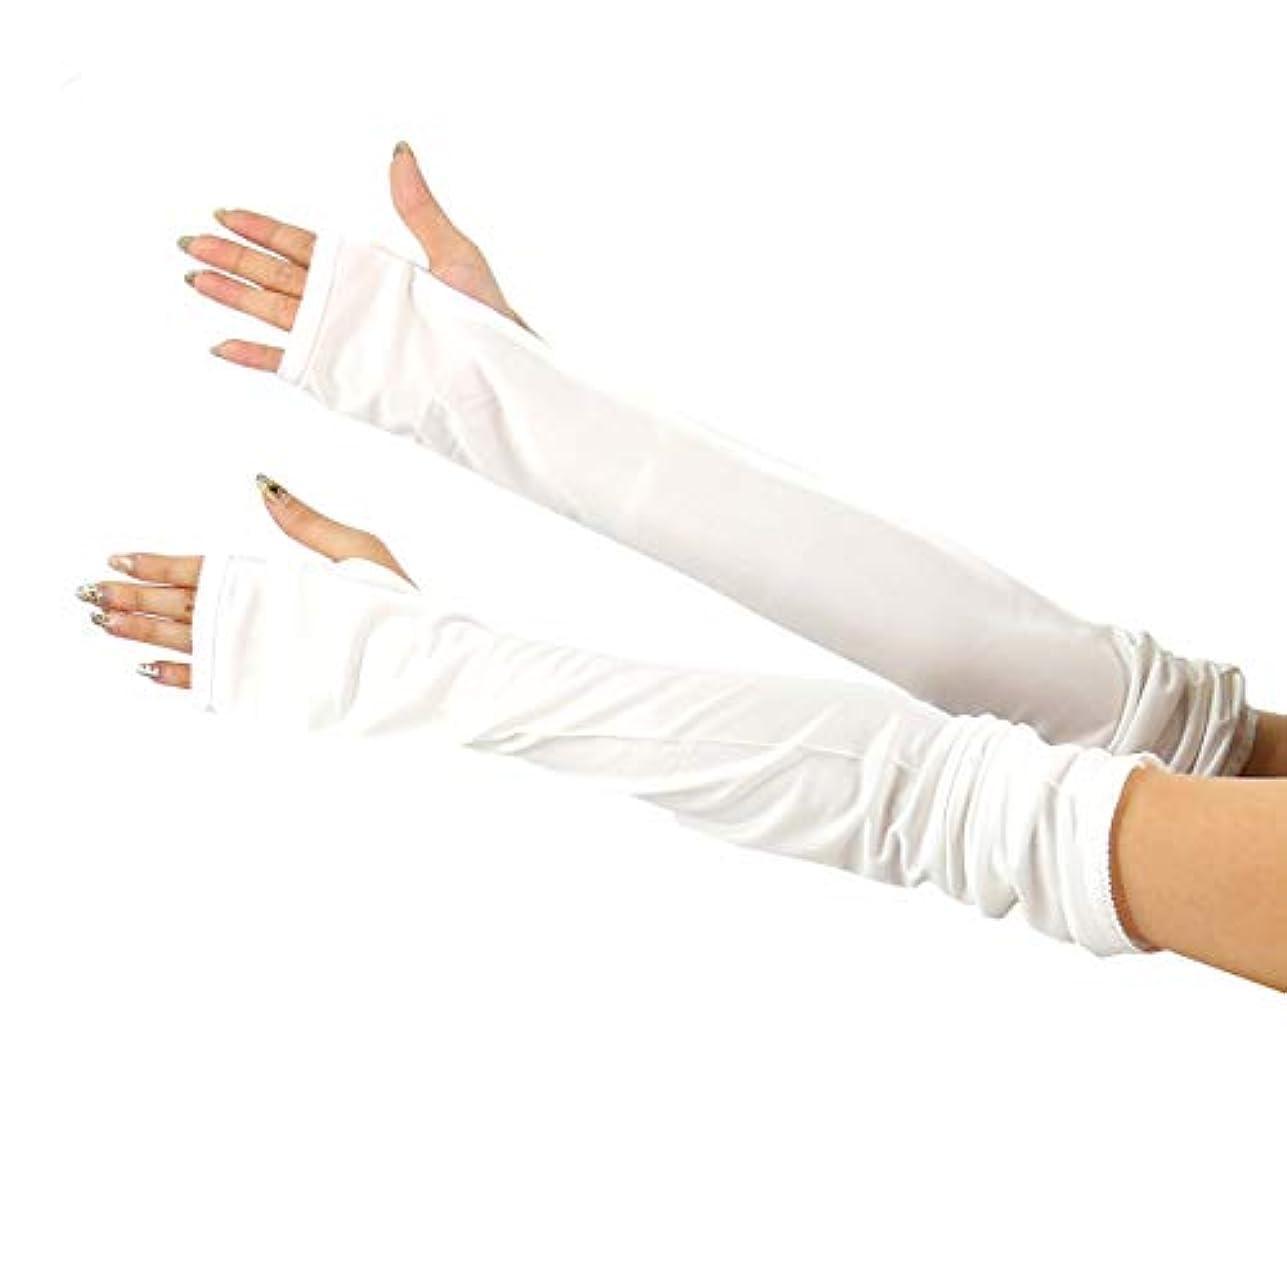 アルミニウムキャンバス力学[スリーピングシープ] ひんやり サラサラ シルク100% UV 手袋 ハンドケア UV 手袋 手のお手入れに (M, ロング指無しホワイト)